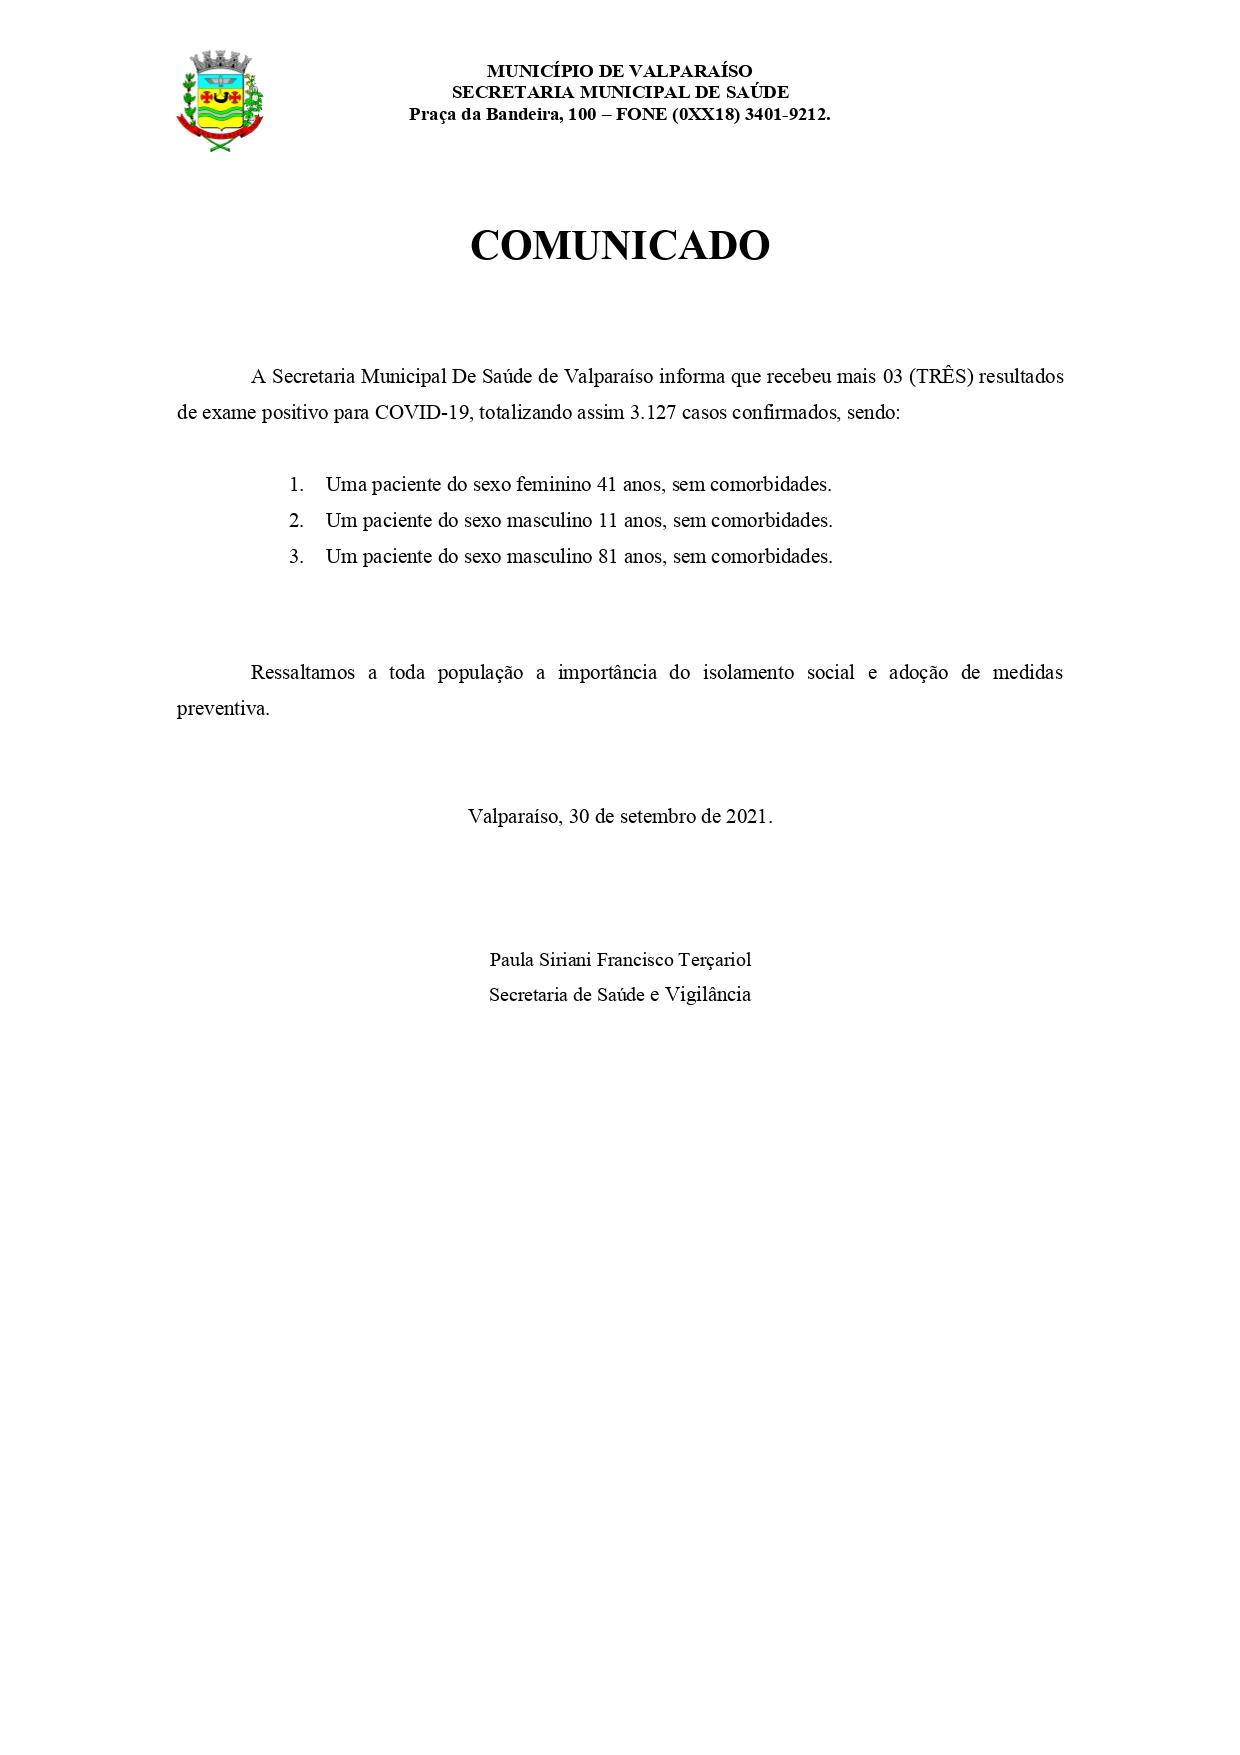 COVID3127